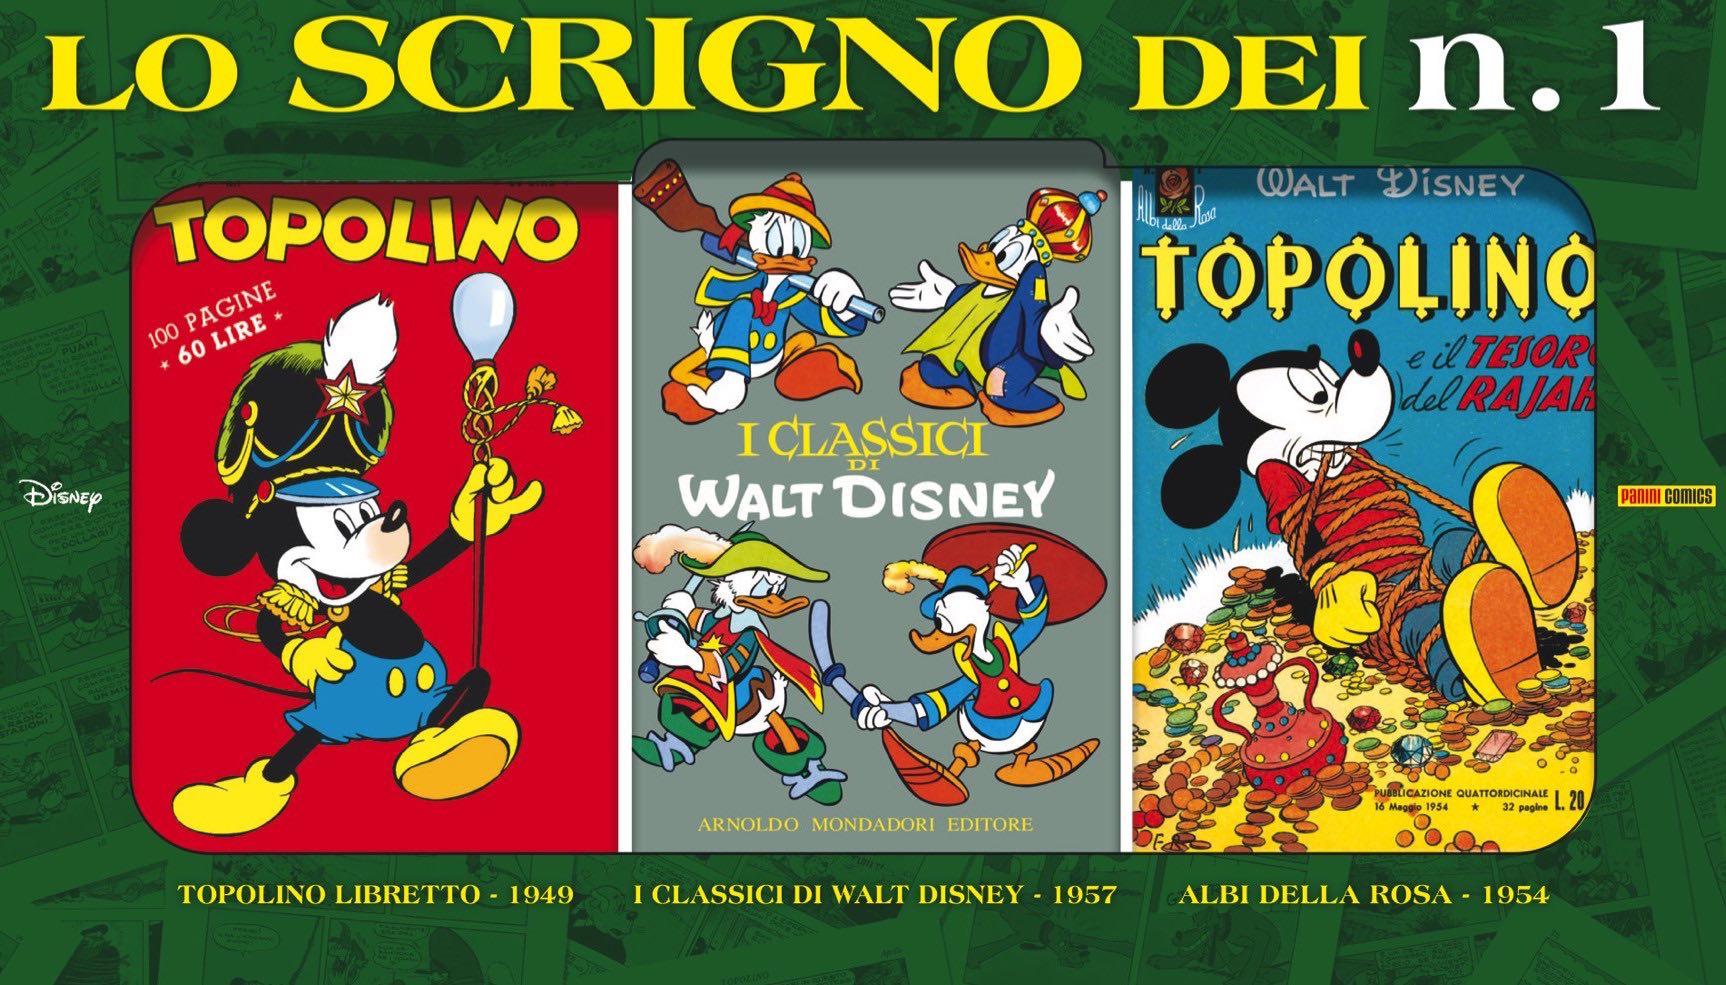 Cover Lo Scrigno dei n. 1